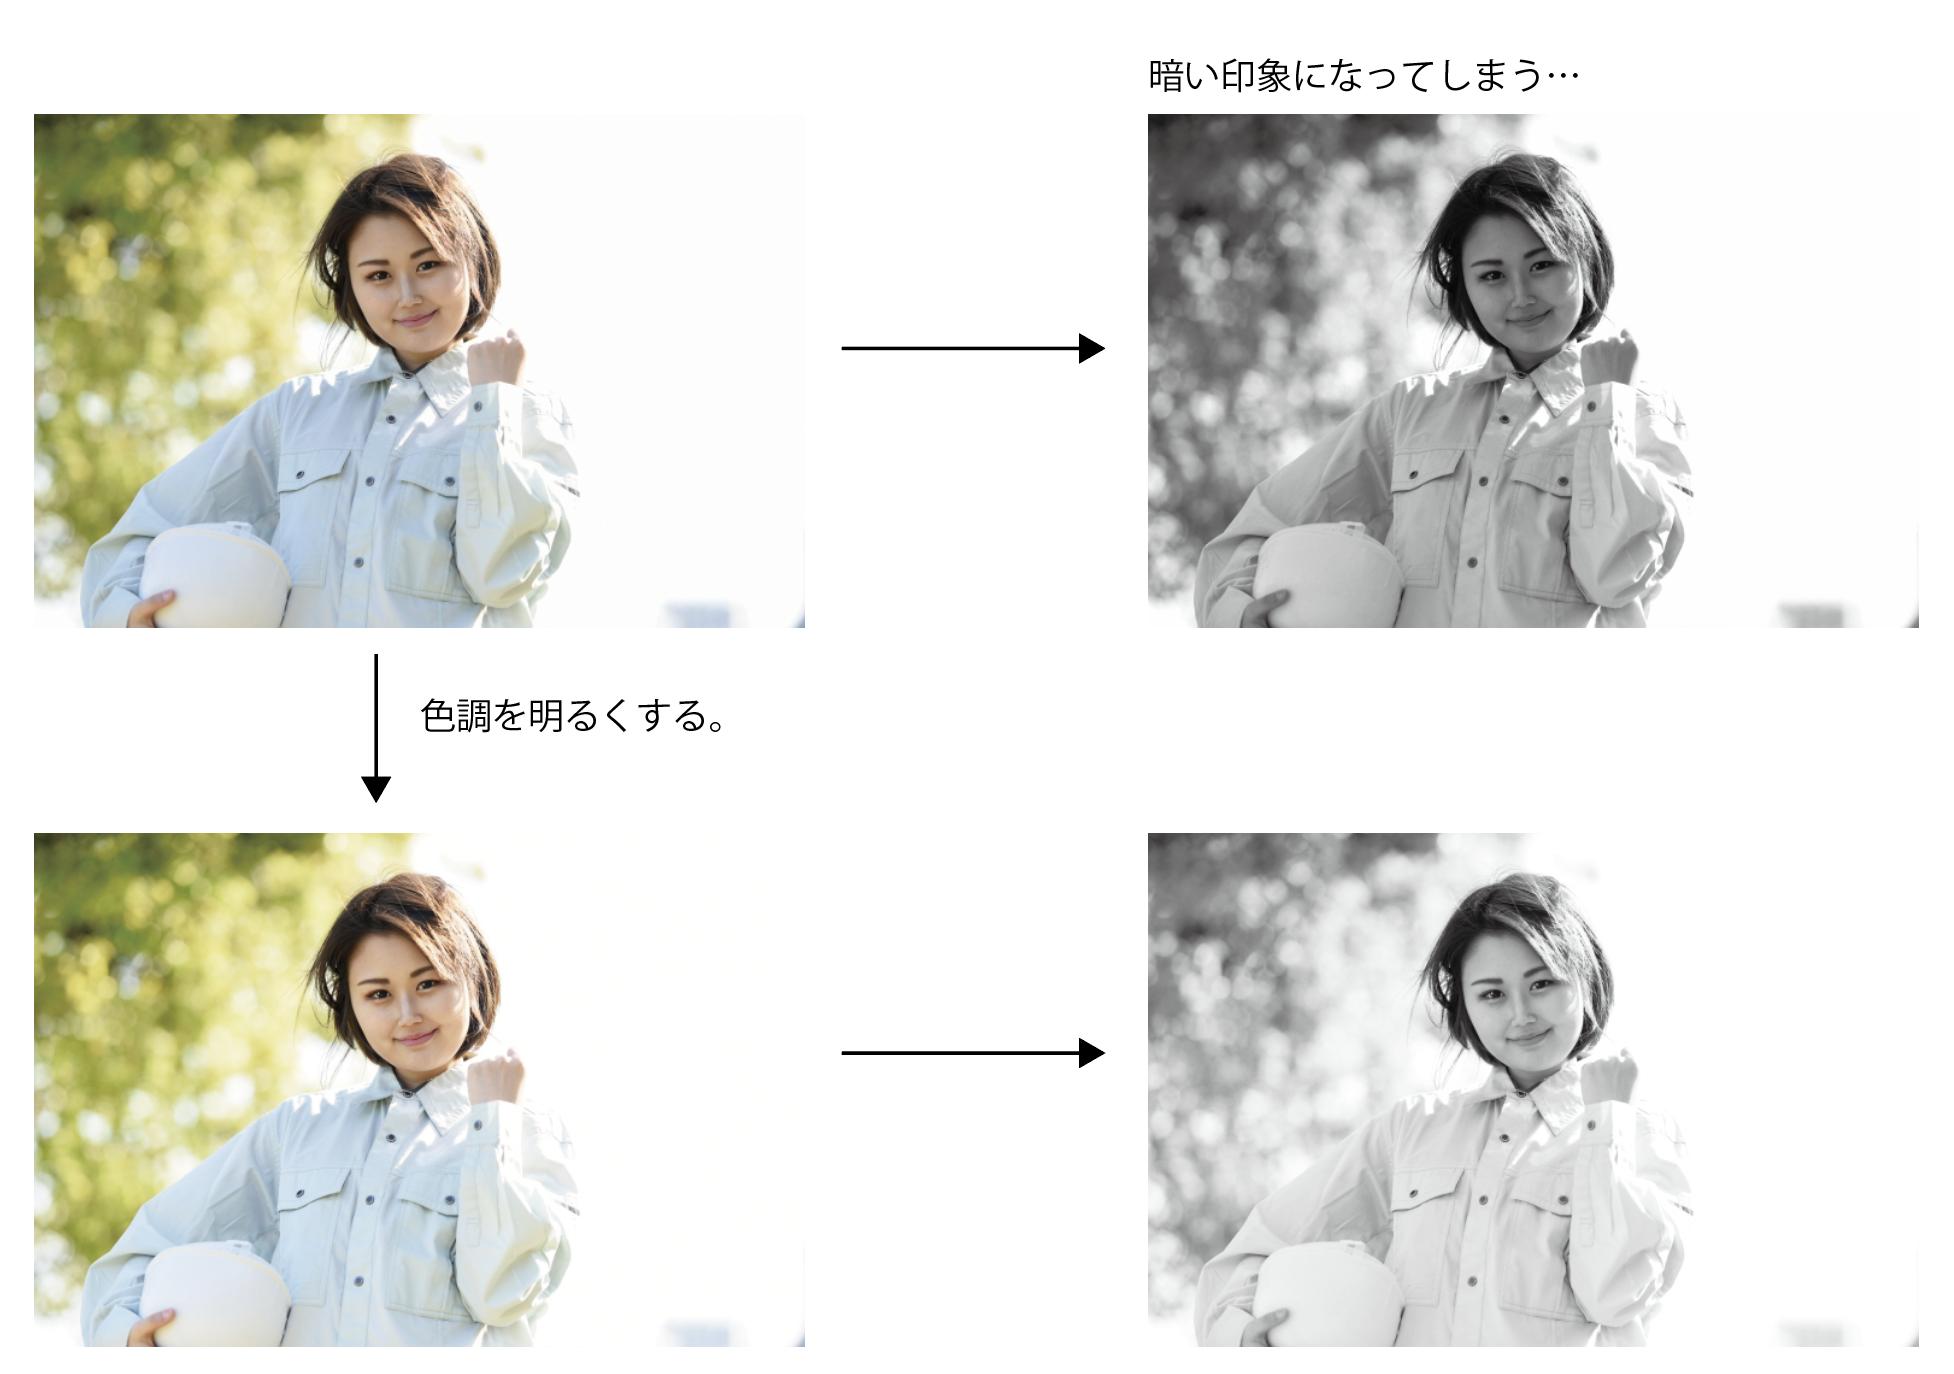 Photoshopでグレースケールに変換した時にきちんと写真を確認して、暗いなと思ったら、元画像の色調を明るく調整してからグレースケールに変換